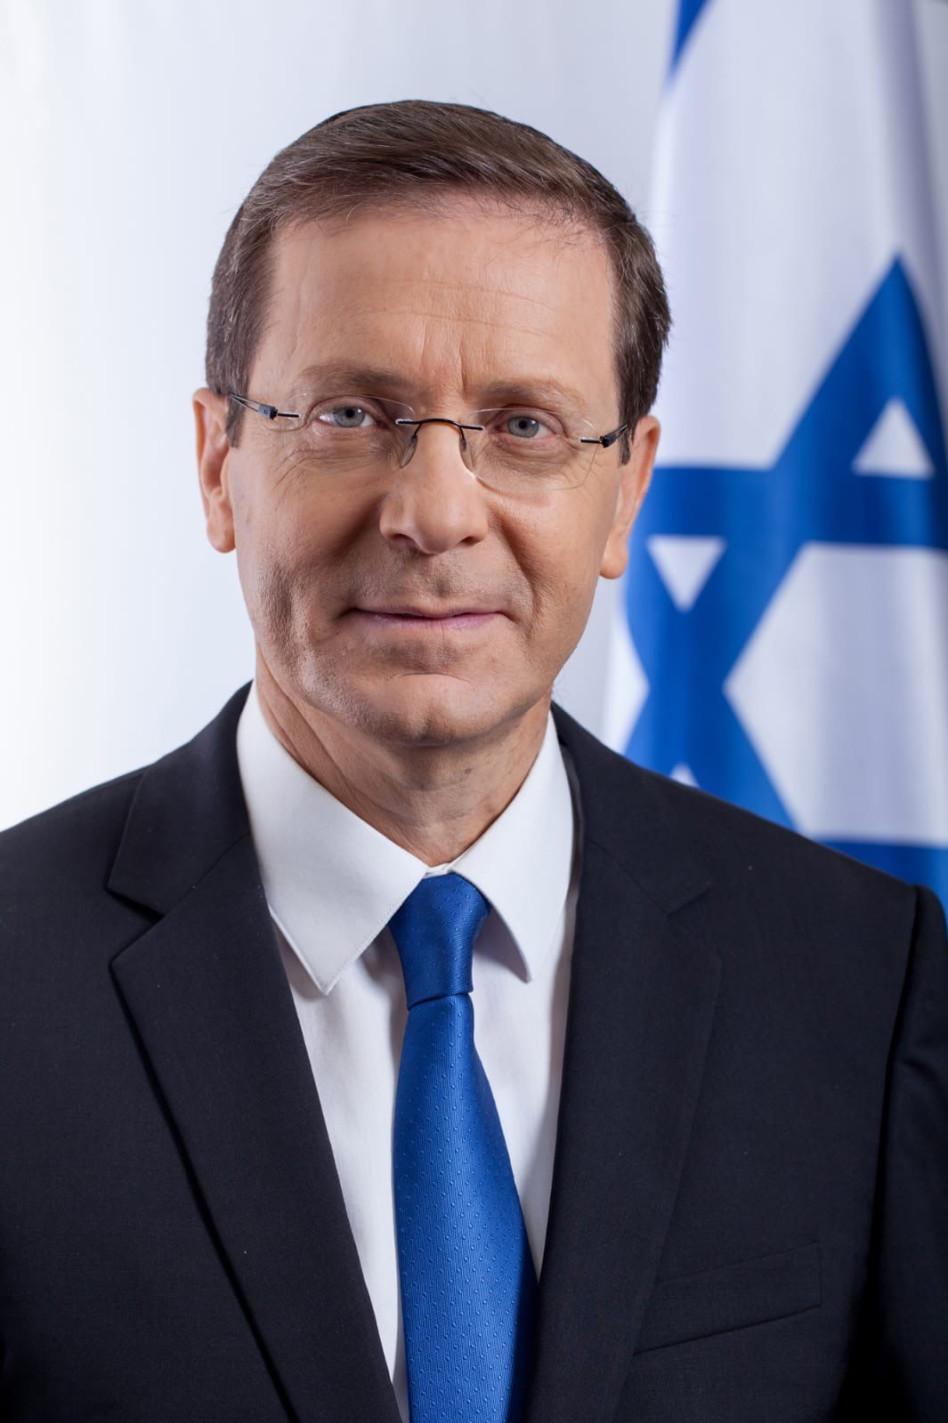 אהוד רצאבי (צילום: באדיבות הסוכנות היהודית)